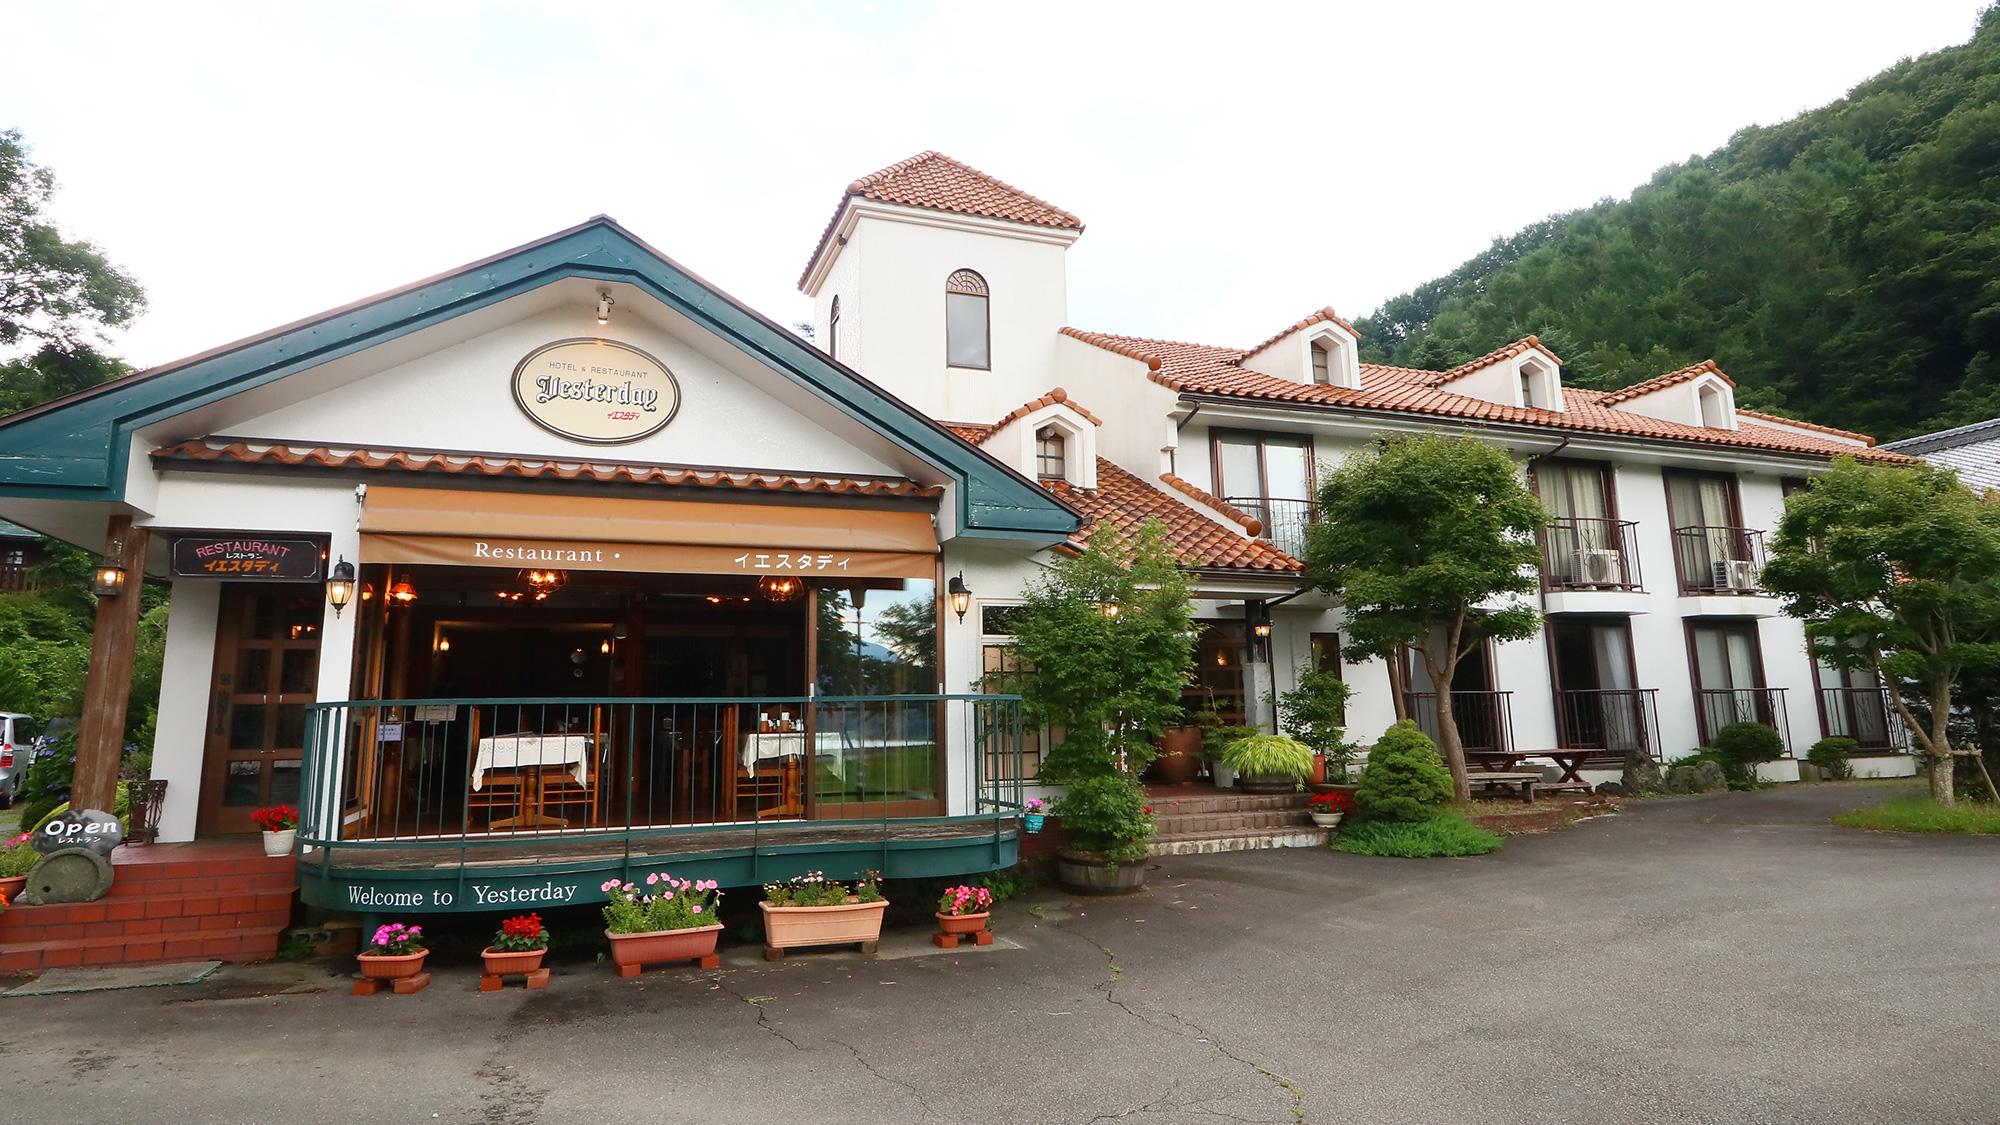 ホテル&レストラン イエスタデイ